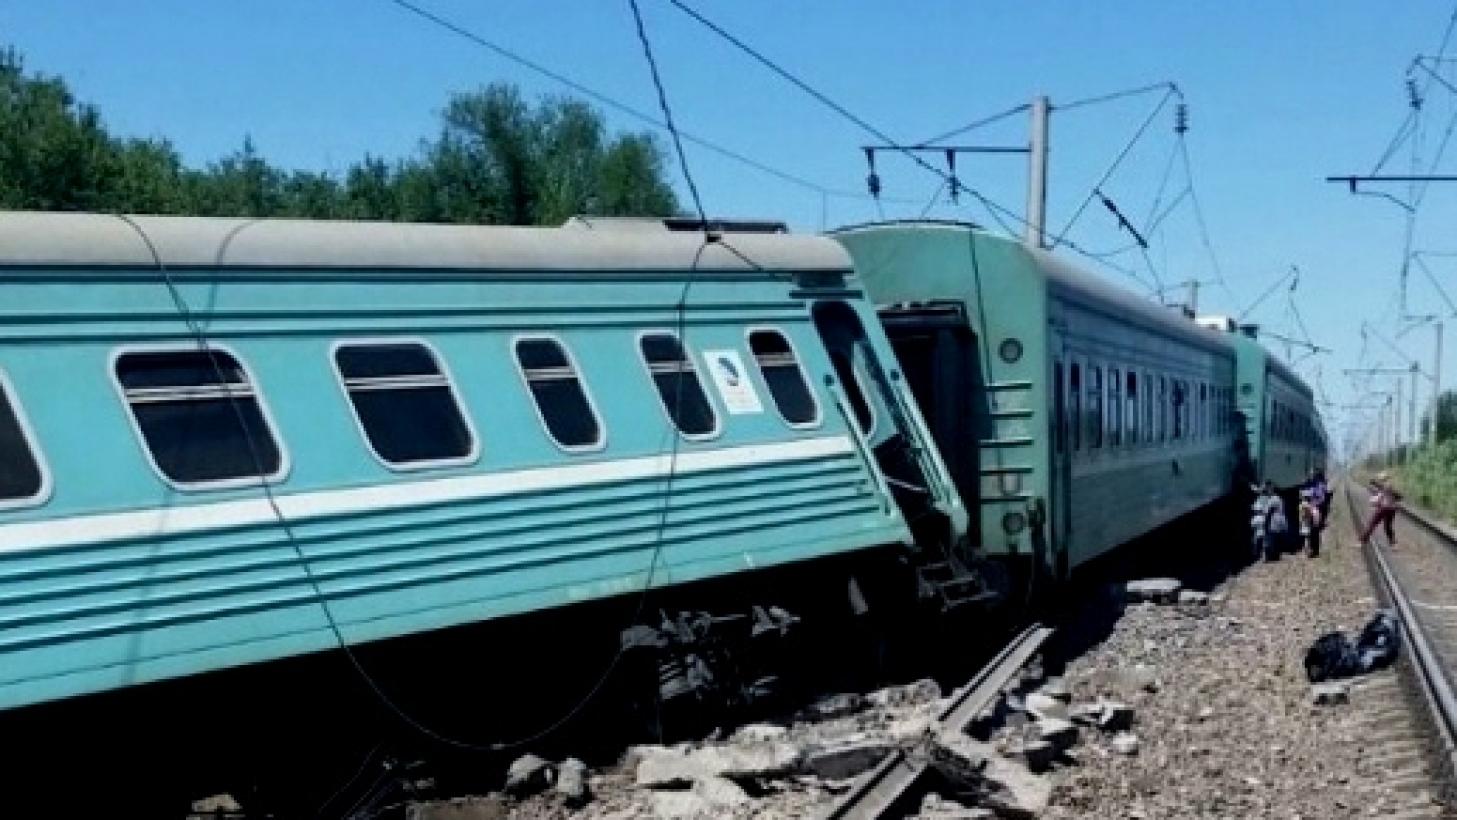 Приговор по делу о сходе пассажирских вагонов вынесли в Шу